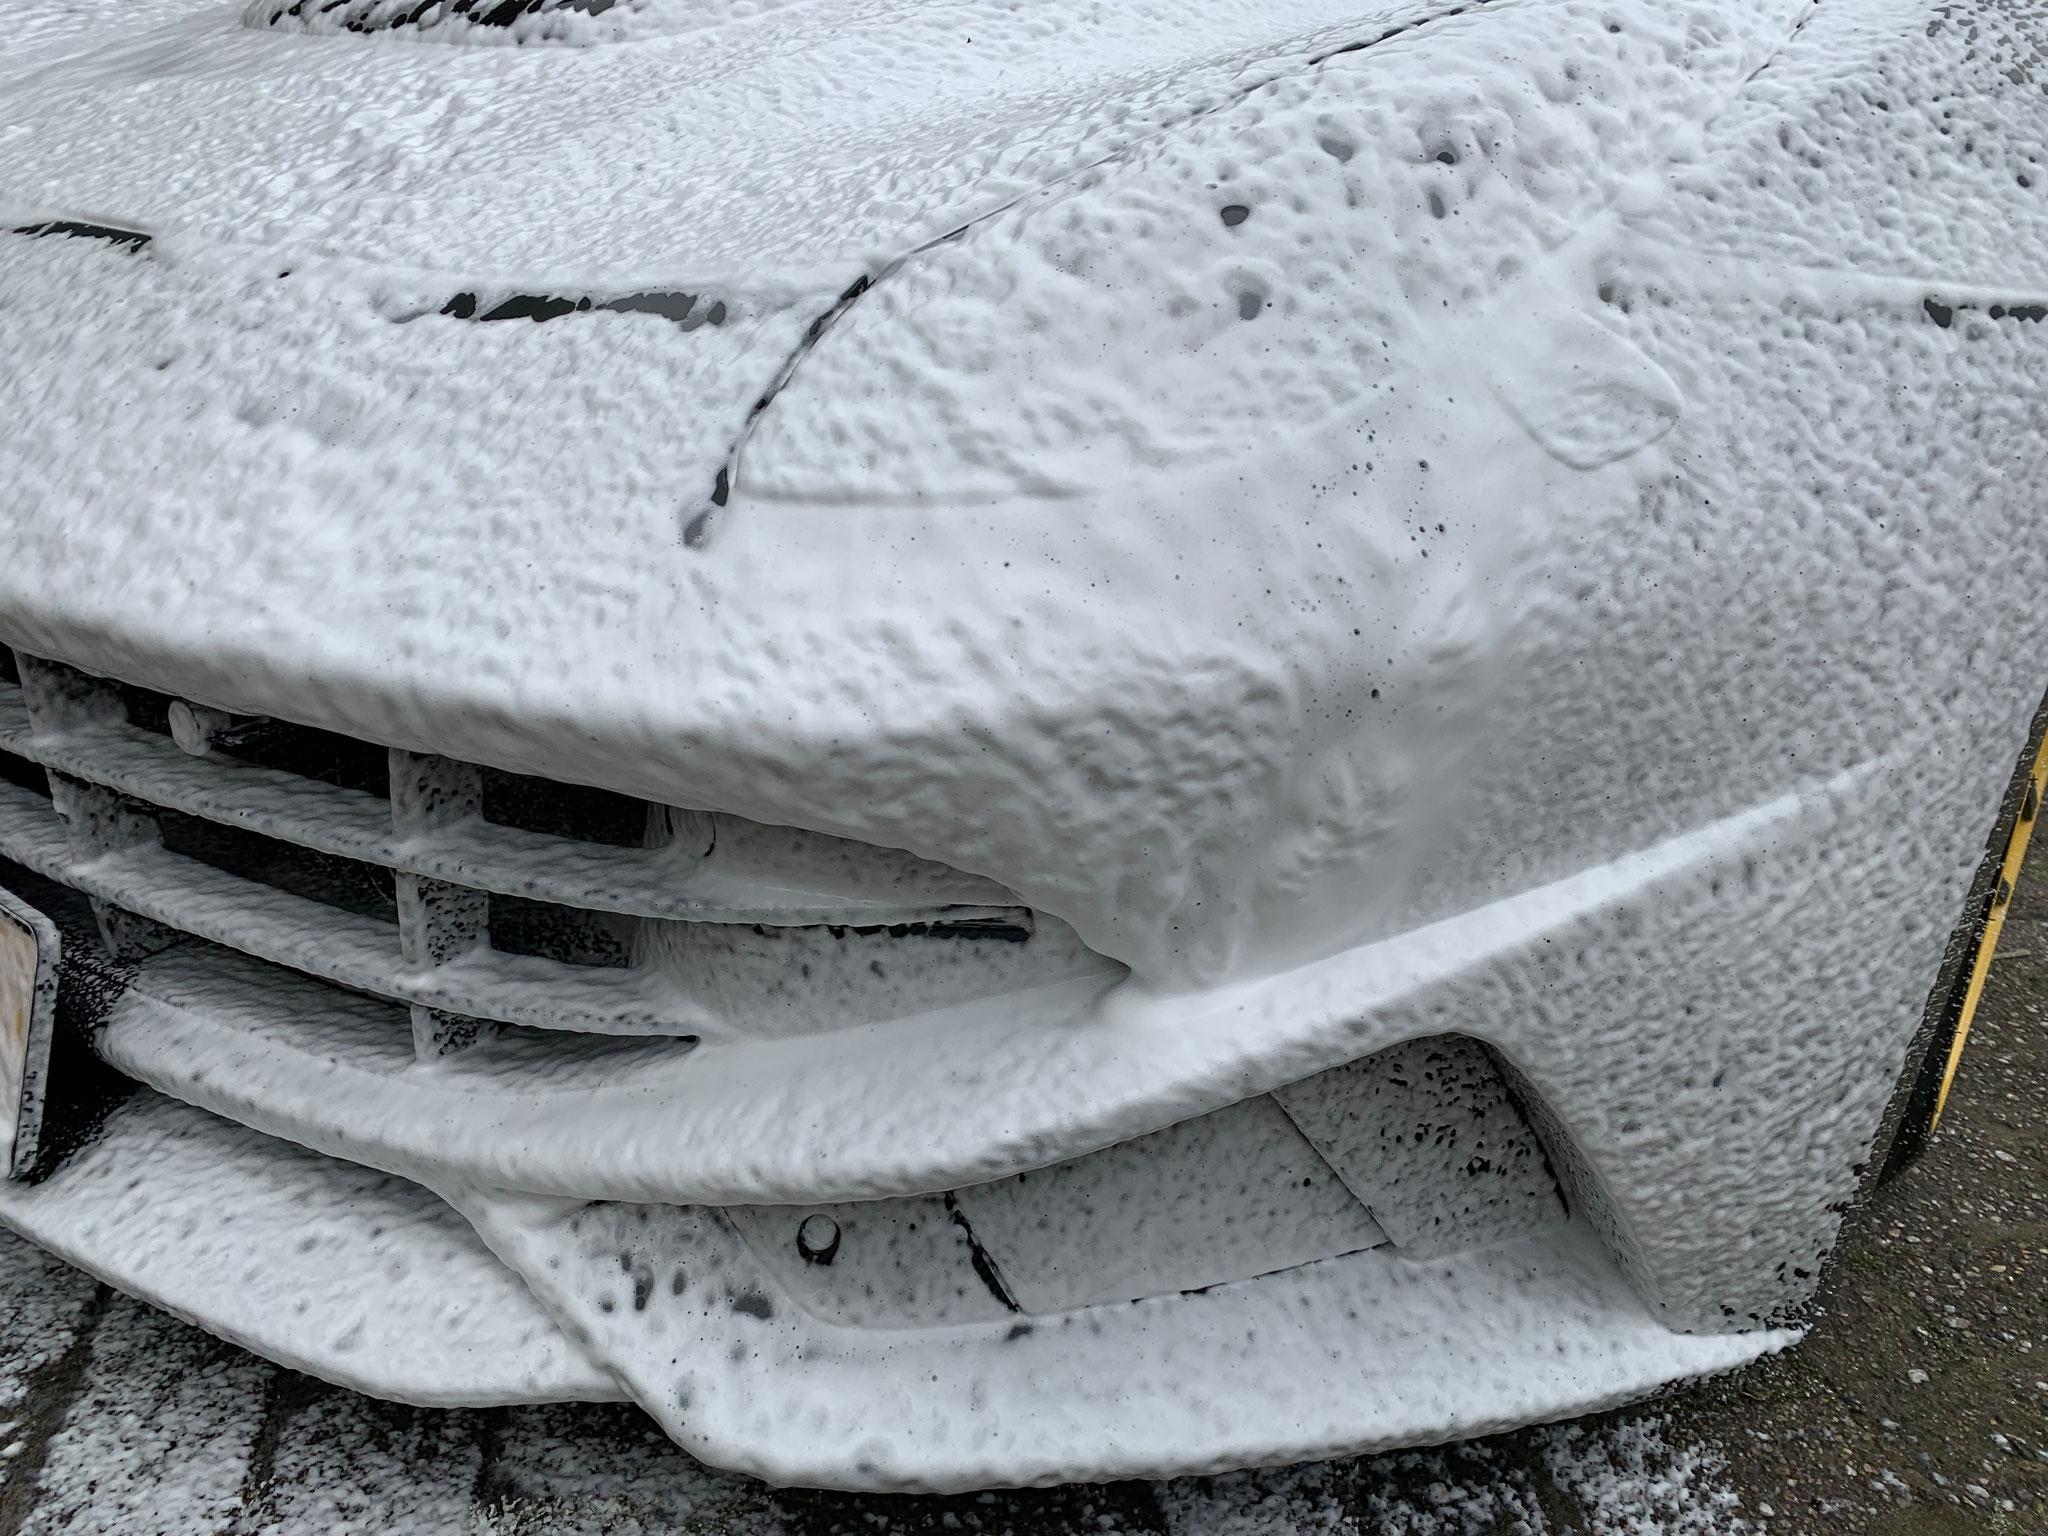 Ferrari bij ontvangst, veilig reinigen doormiddel van een ph neutrale snow foam